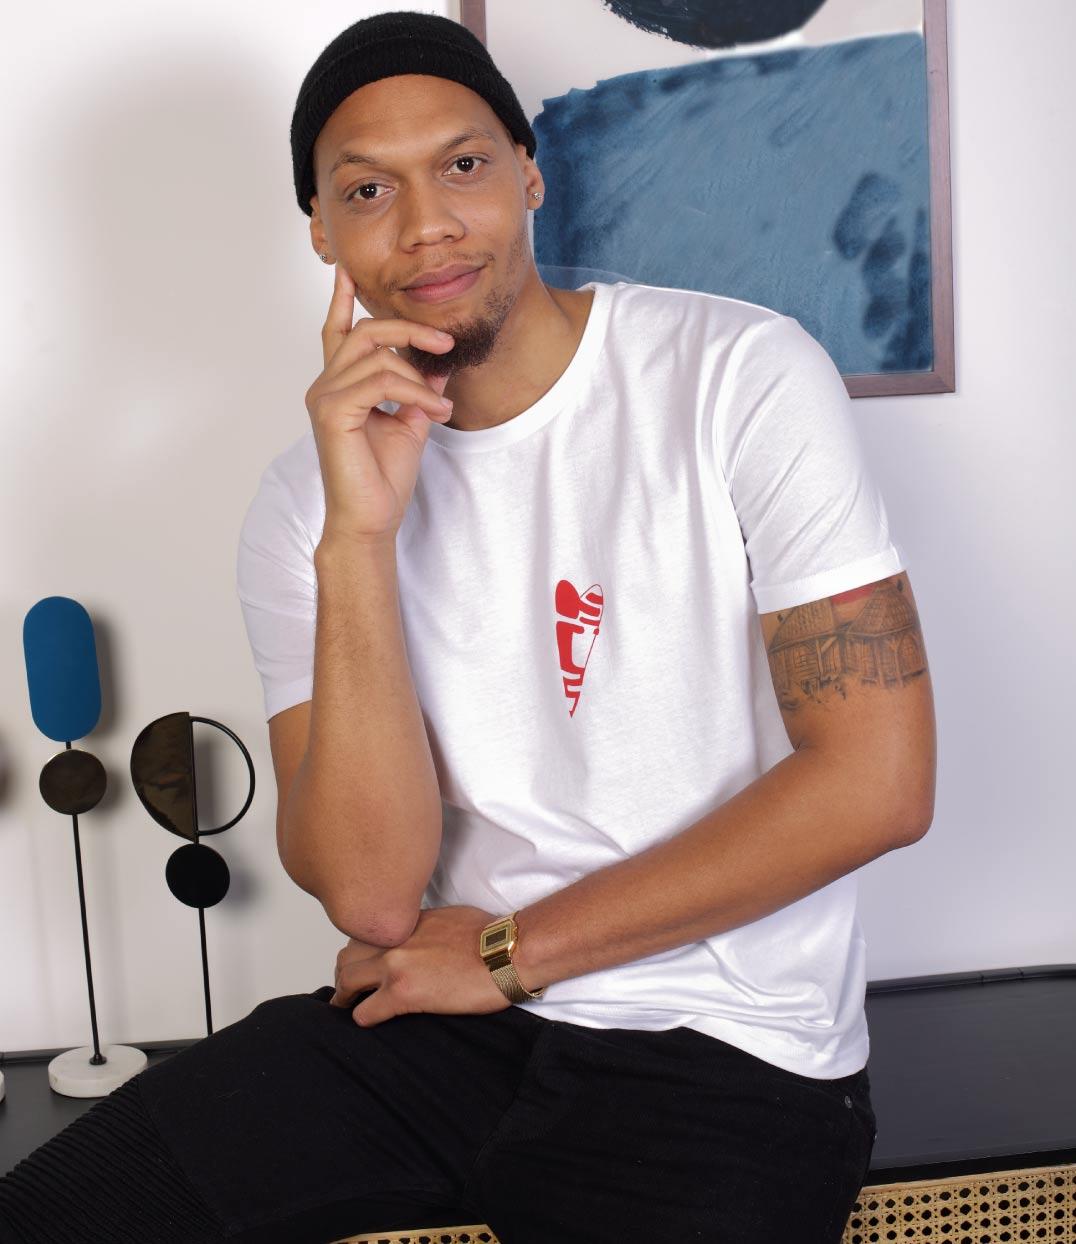 Un homme brun est assis sur un meuble. Il regarde devant lui et porte un jean noir ainsi qu'un tshirt blanc abracito en coton leonor roversi